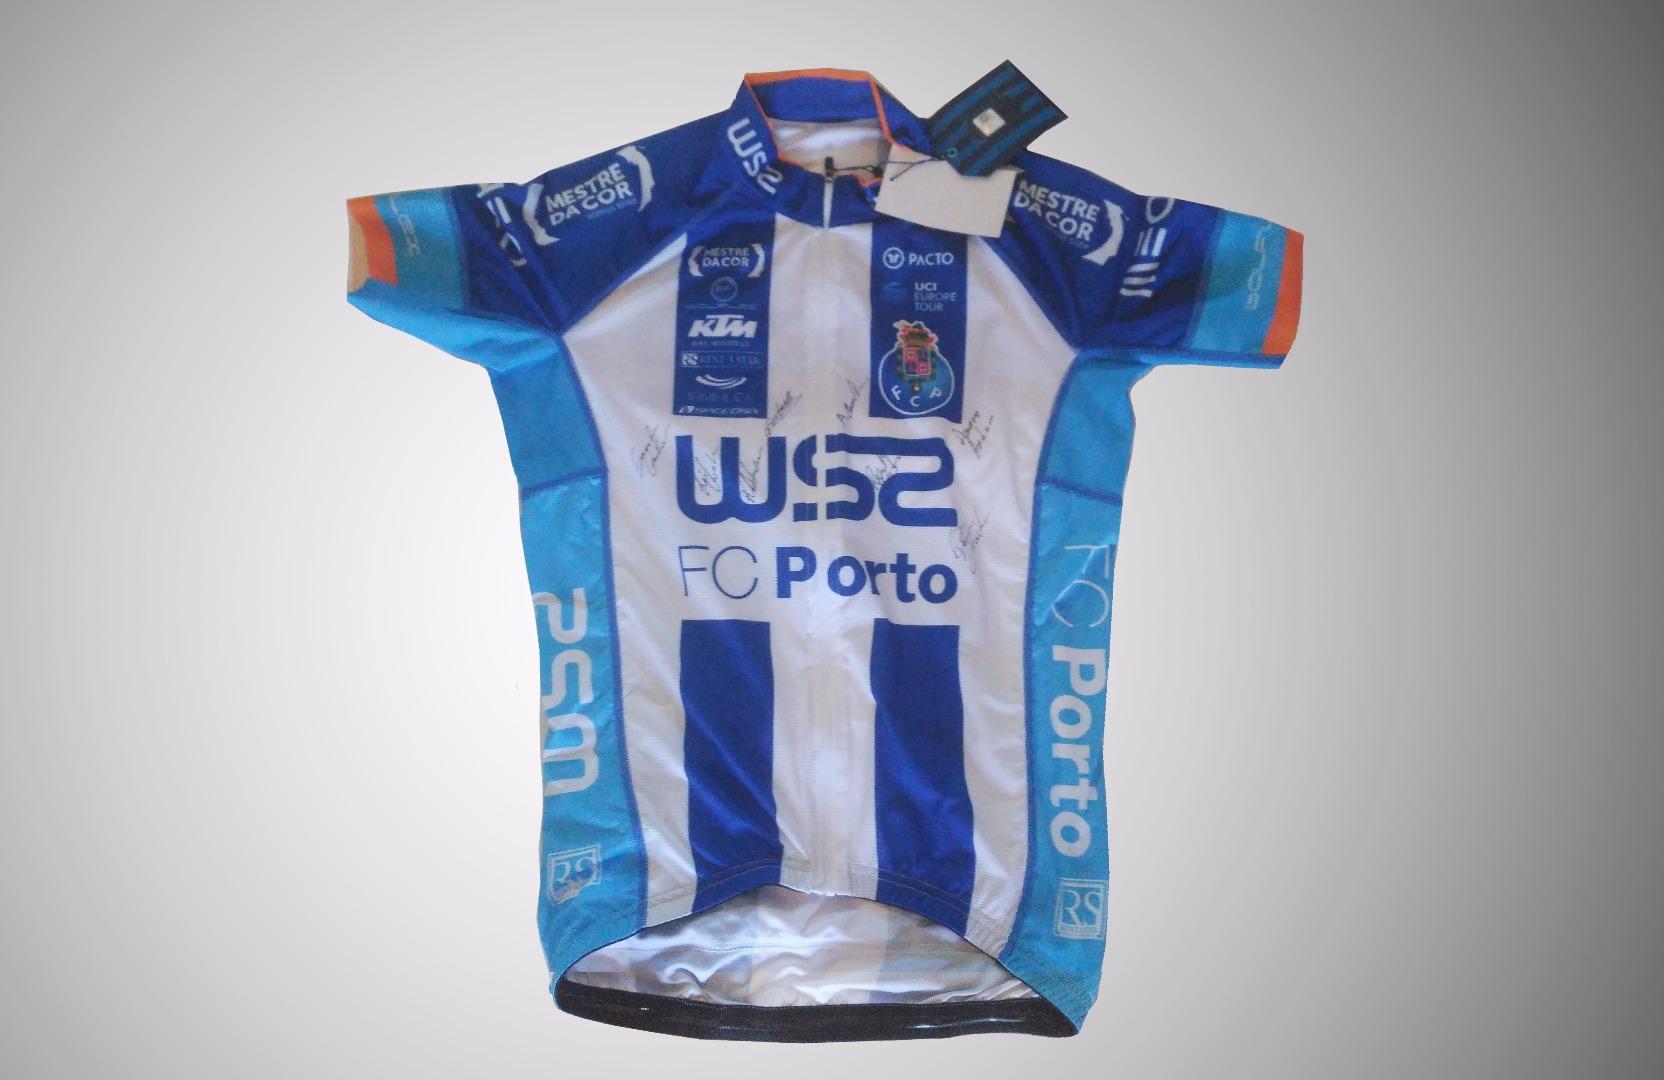 Camisola da equipa W52/FC Porto da Volta a Portugal